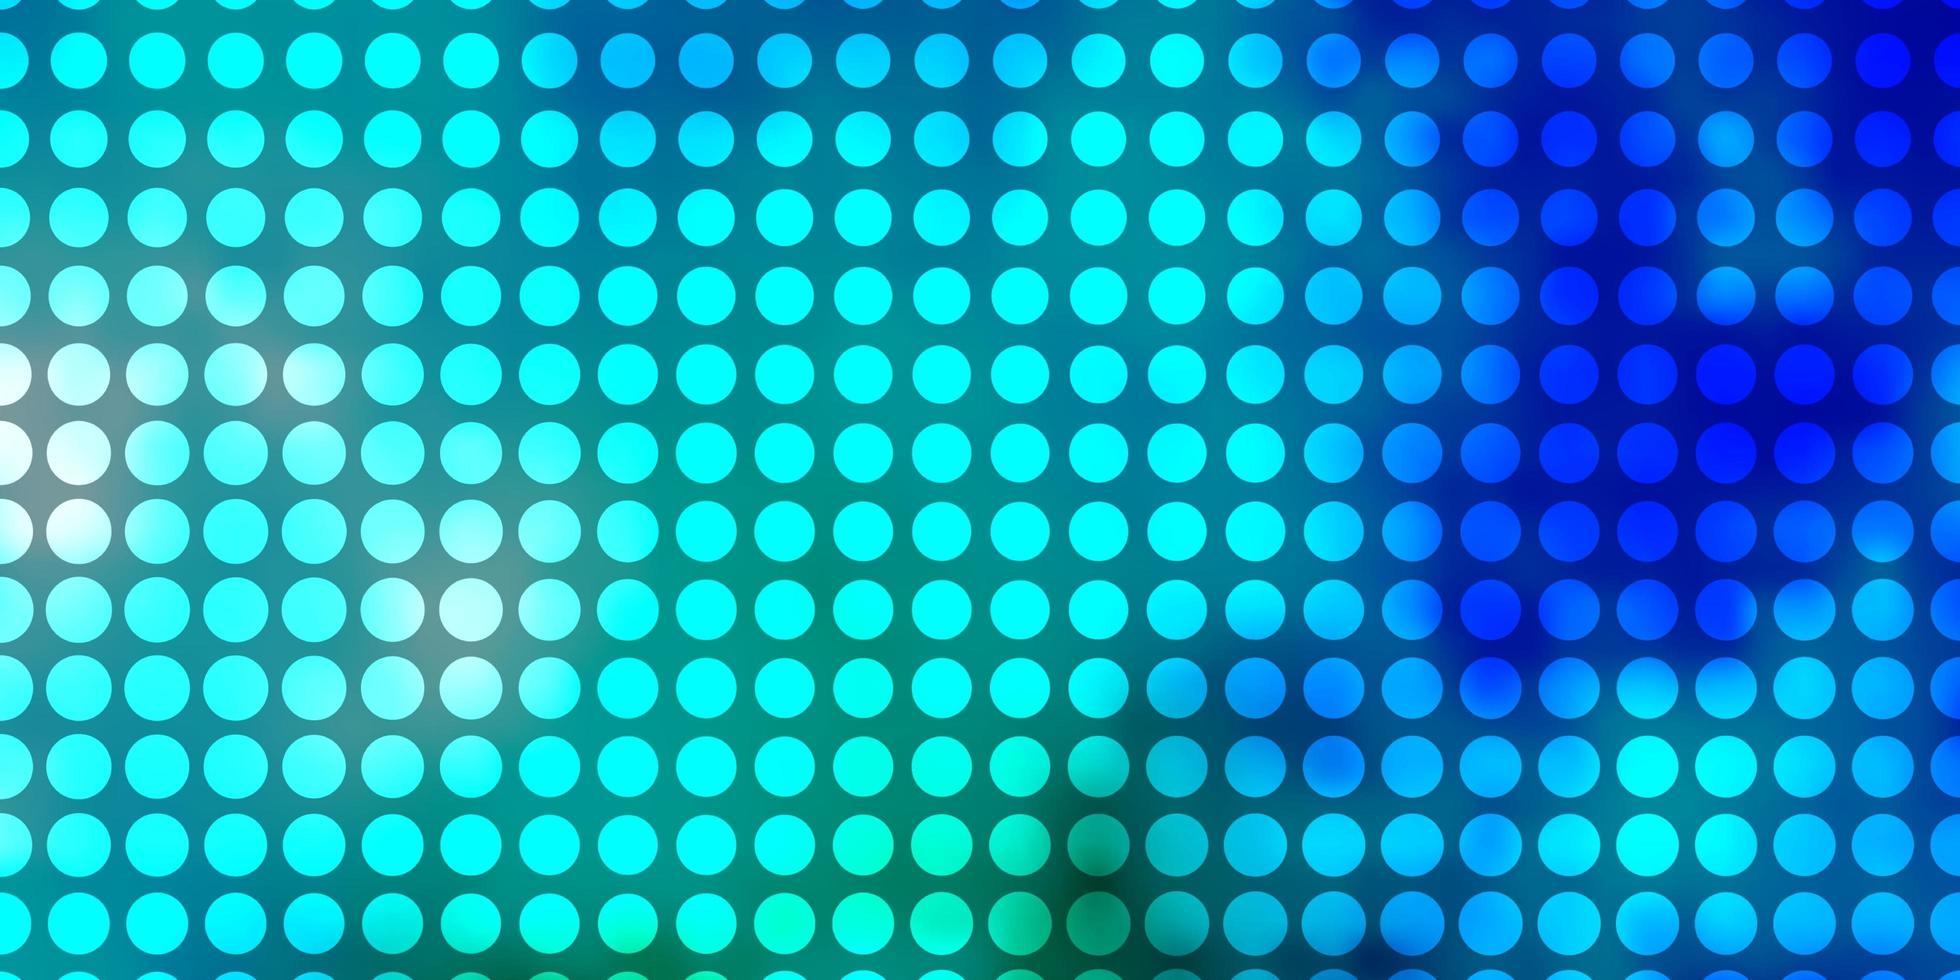 blaues und grünes Muster mit Kreisen. vektor